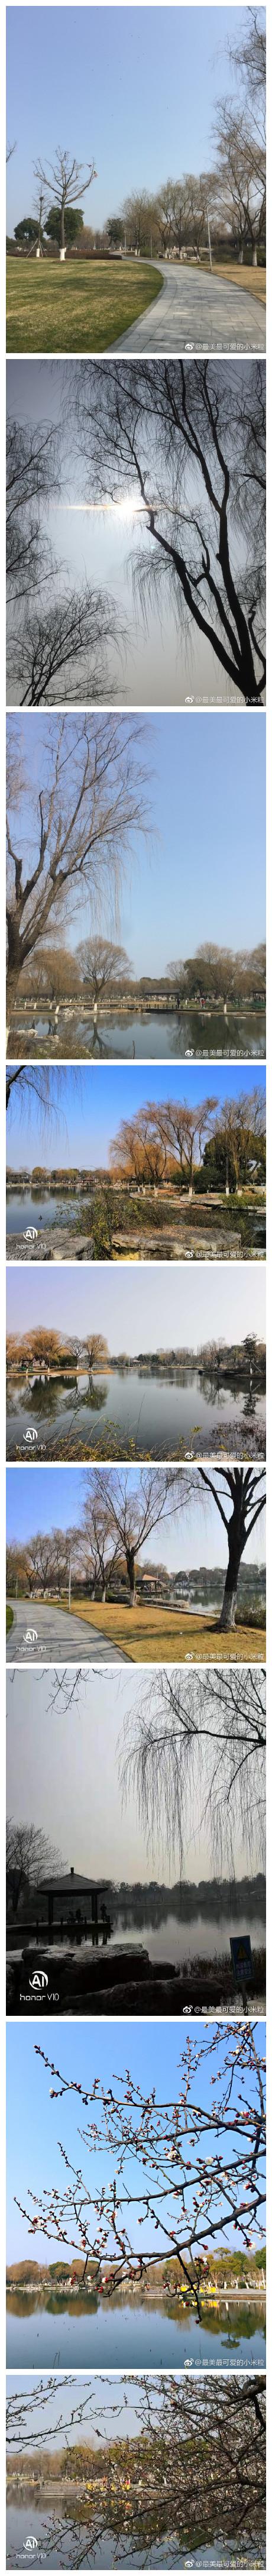 阳澄湖半岛莲池湖生态园 